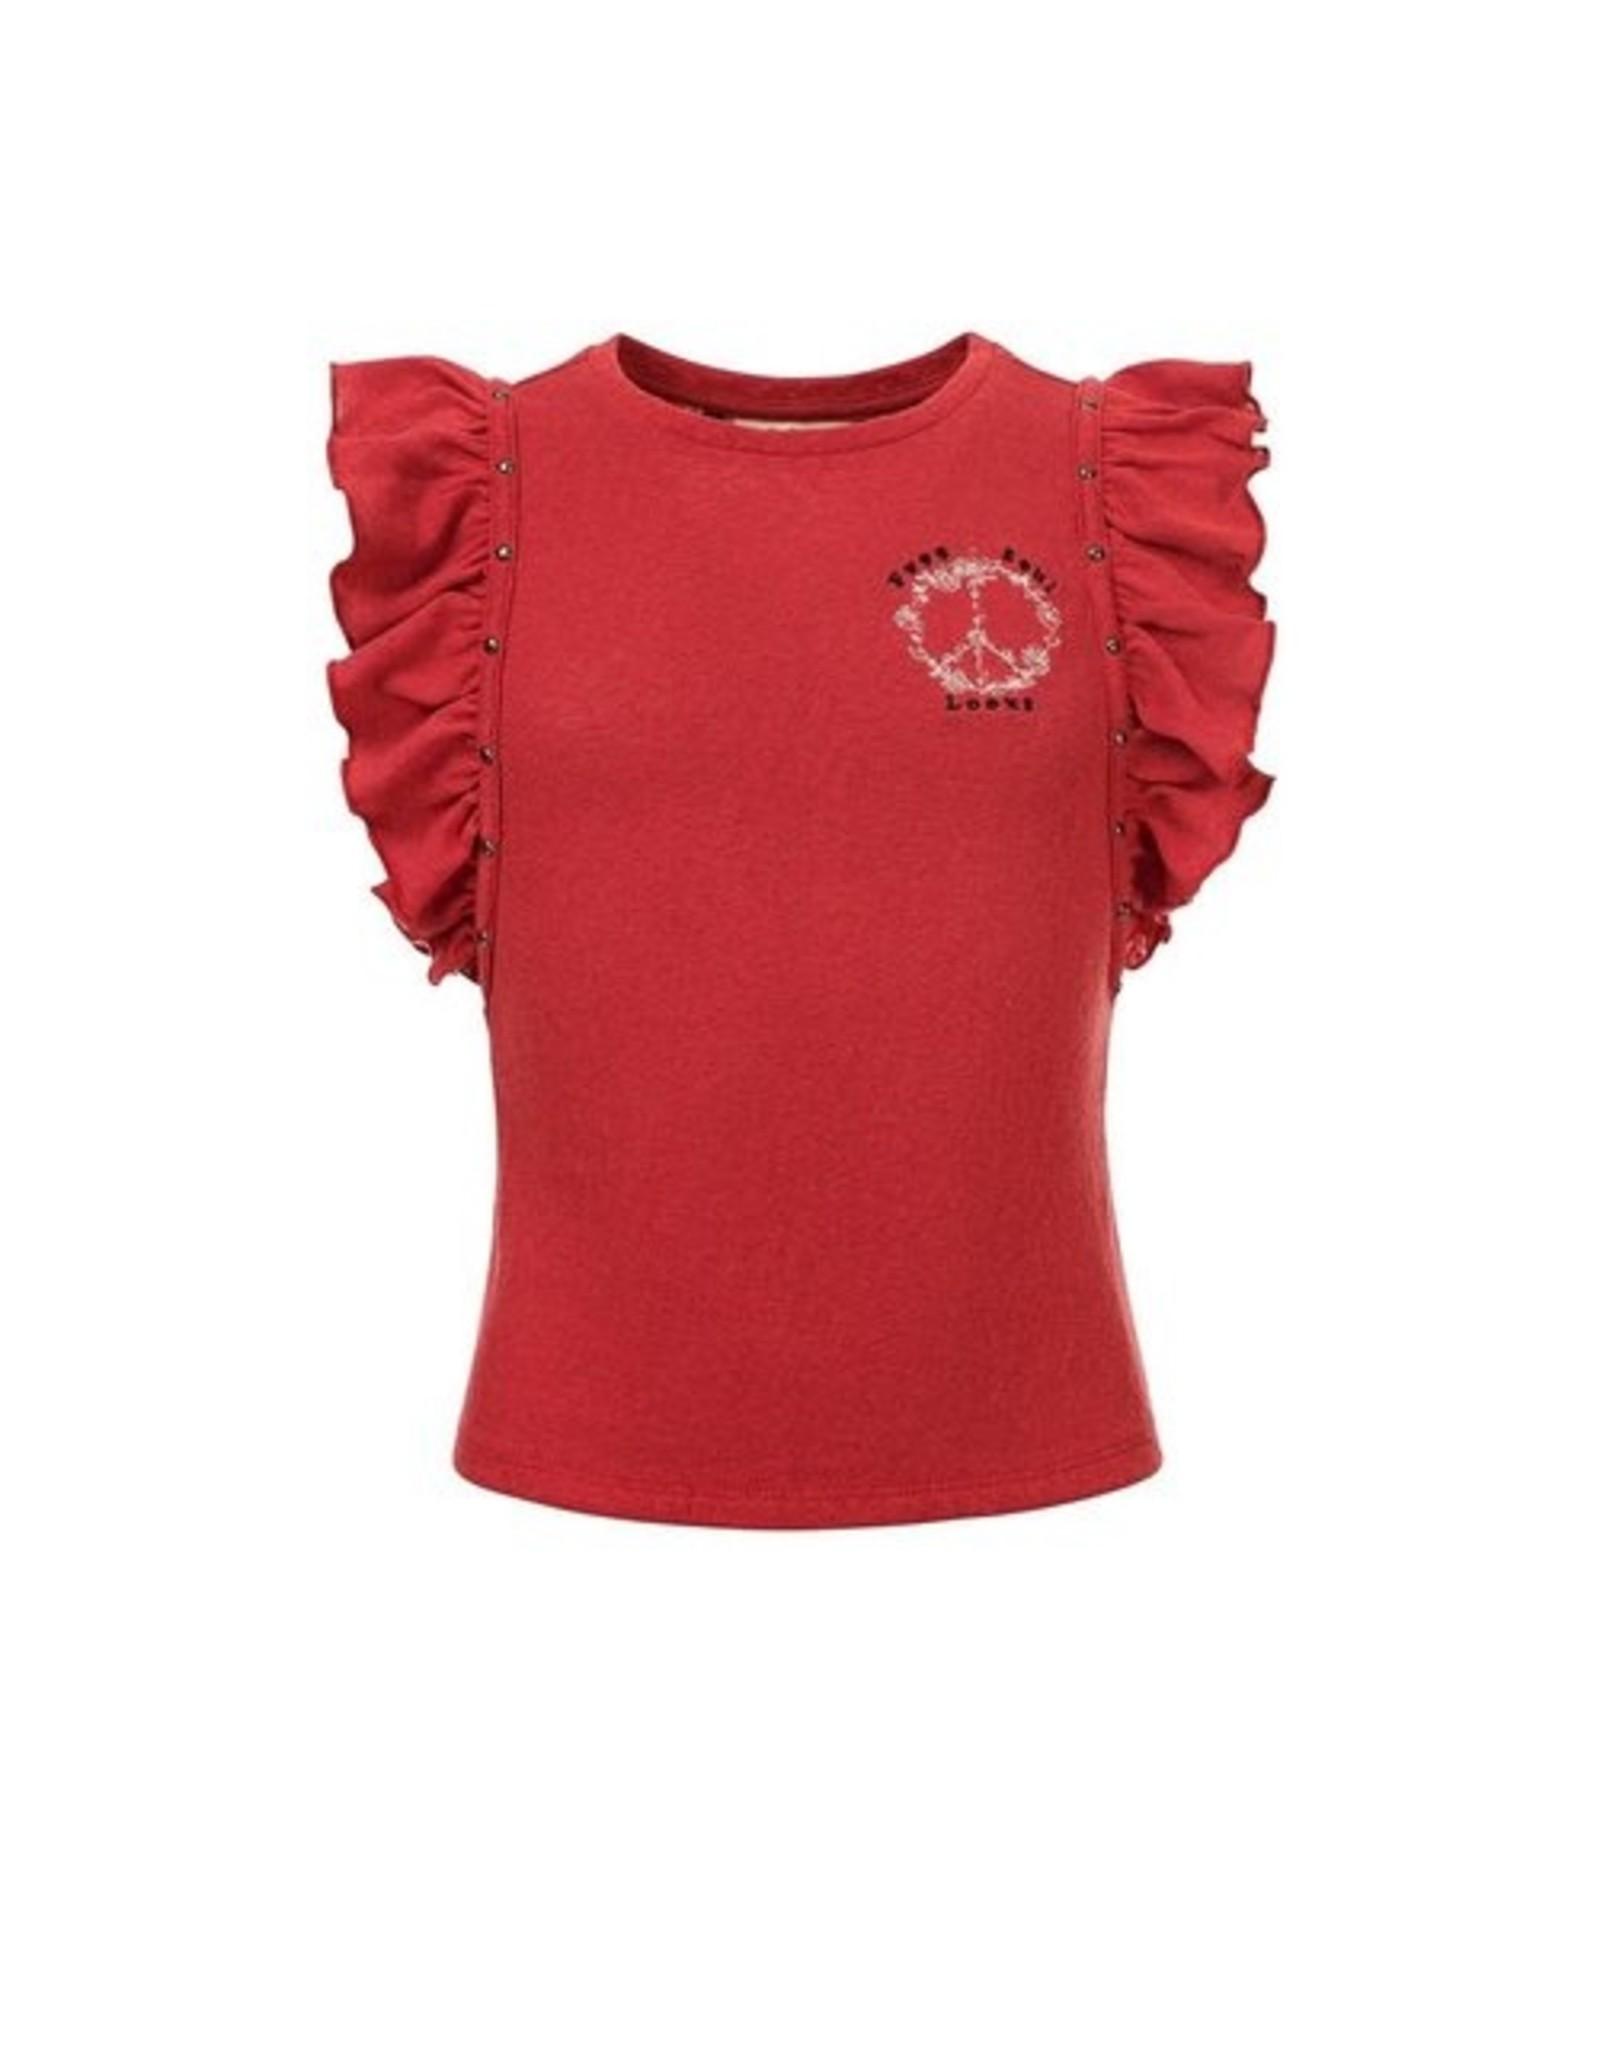 LOOXS 10sixteen 10Sixteen fancy T-shirt